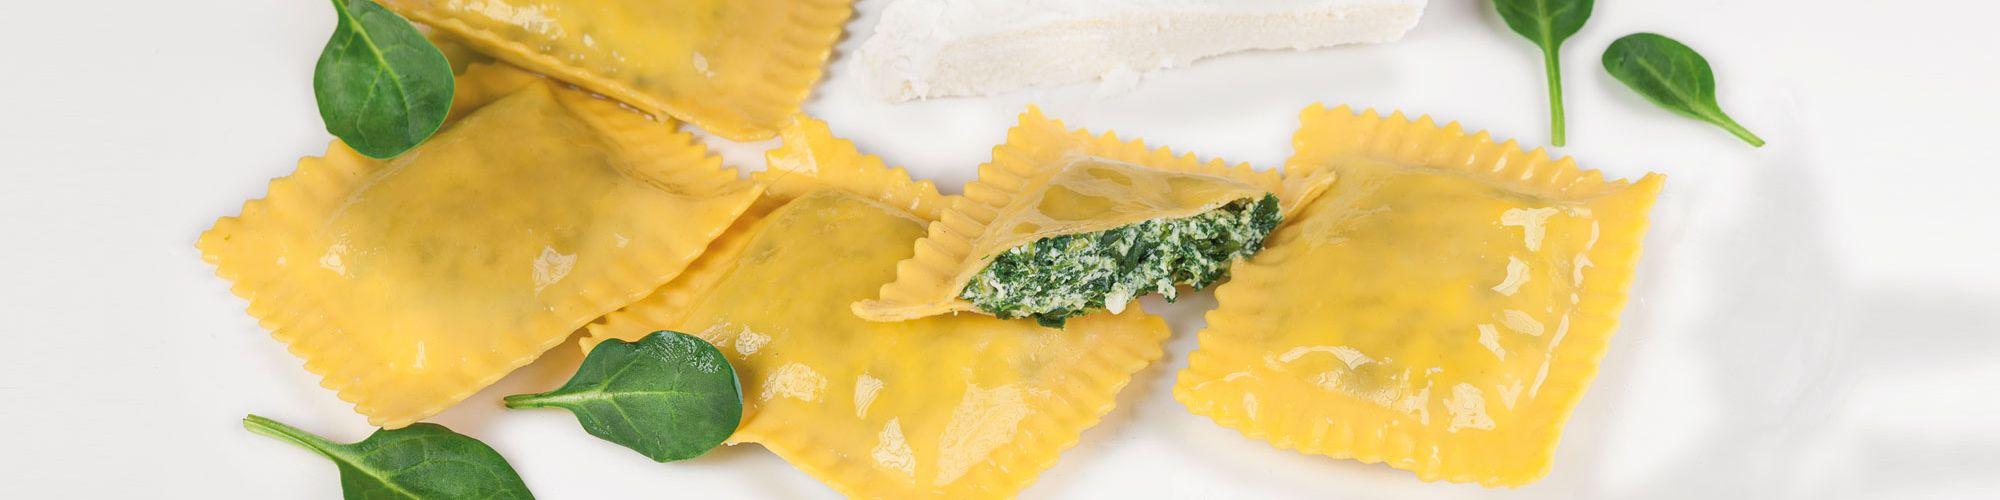 Ravioloni ricotta e spinaci